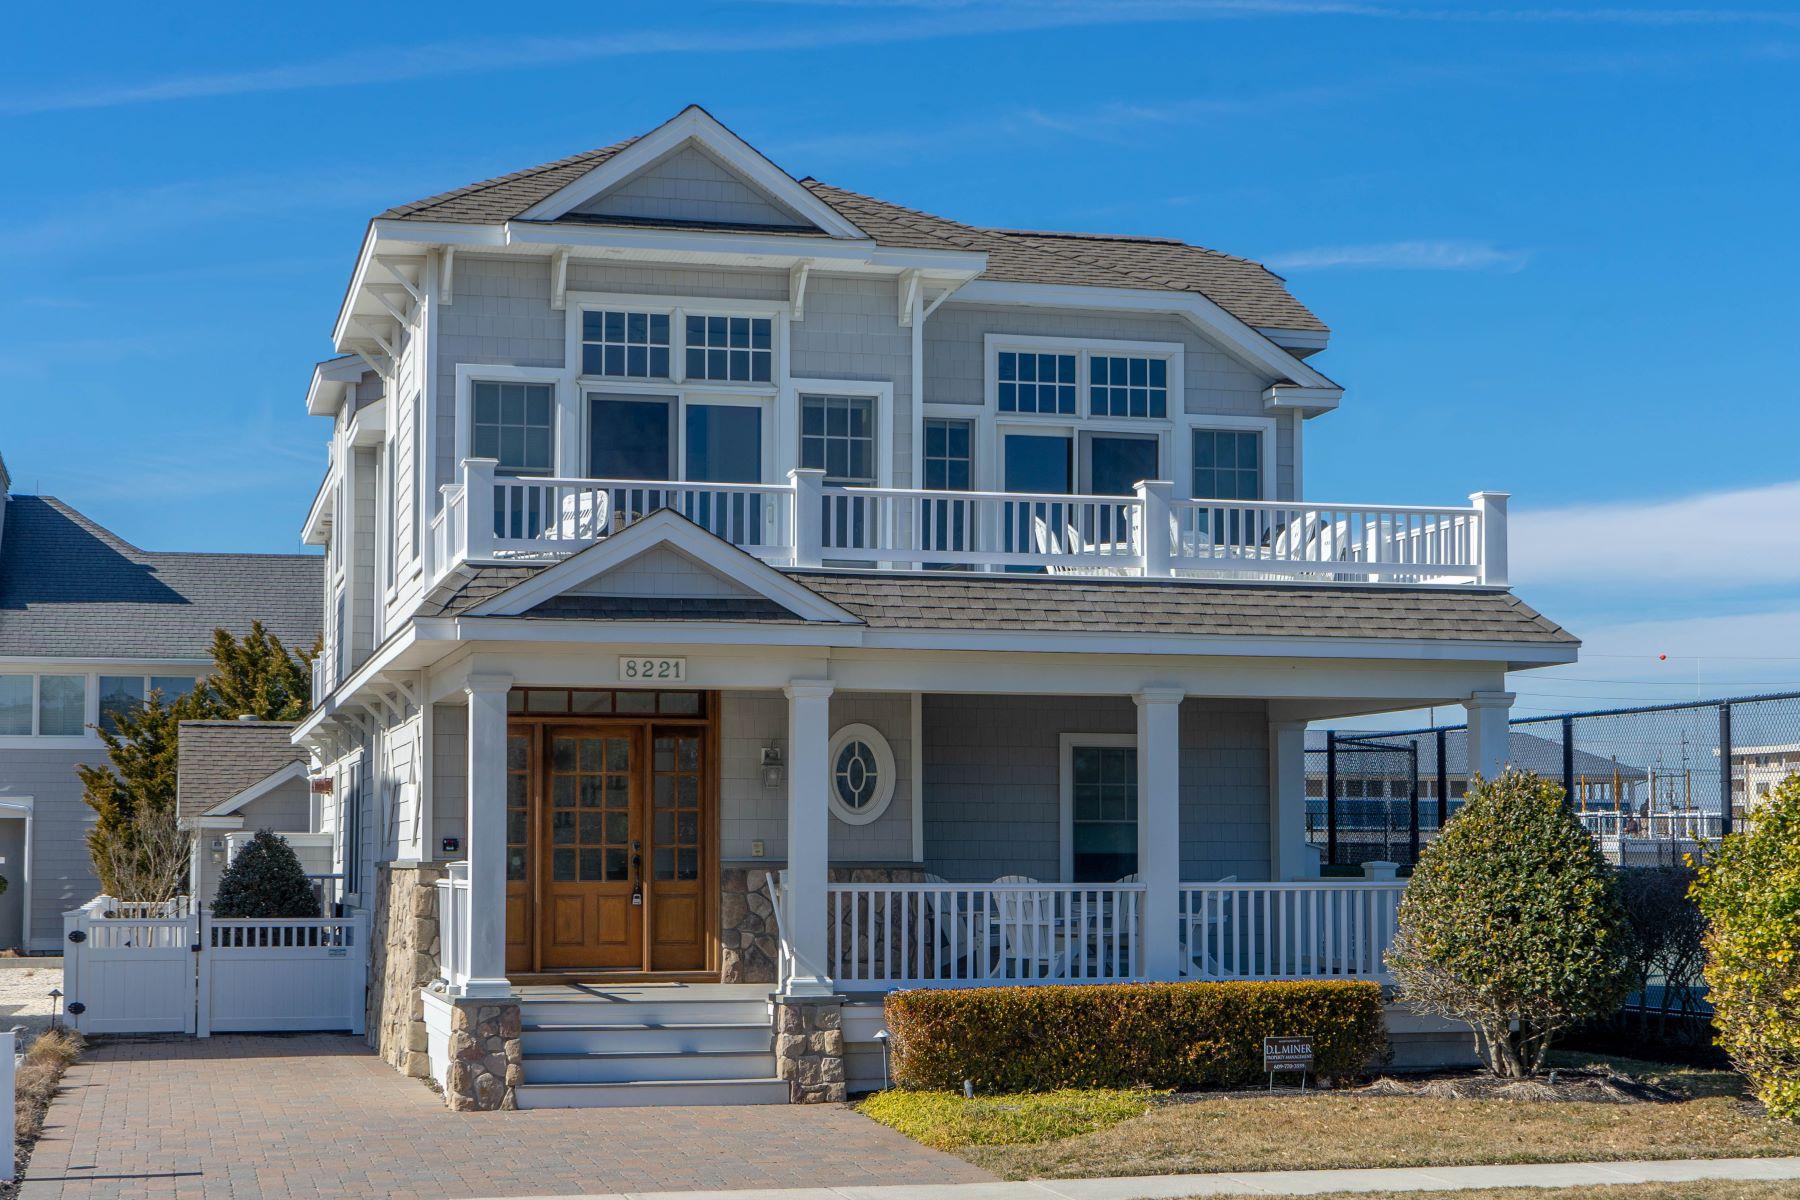 Частный односемейный дом для того Продажа на Almost Ocean Front 8221 First Avenue, Stone Harbor, Нью-Джерси 08247 Соединенные Штаты